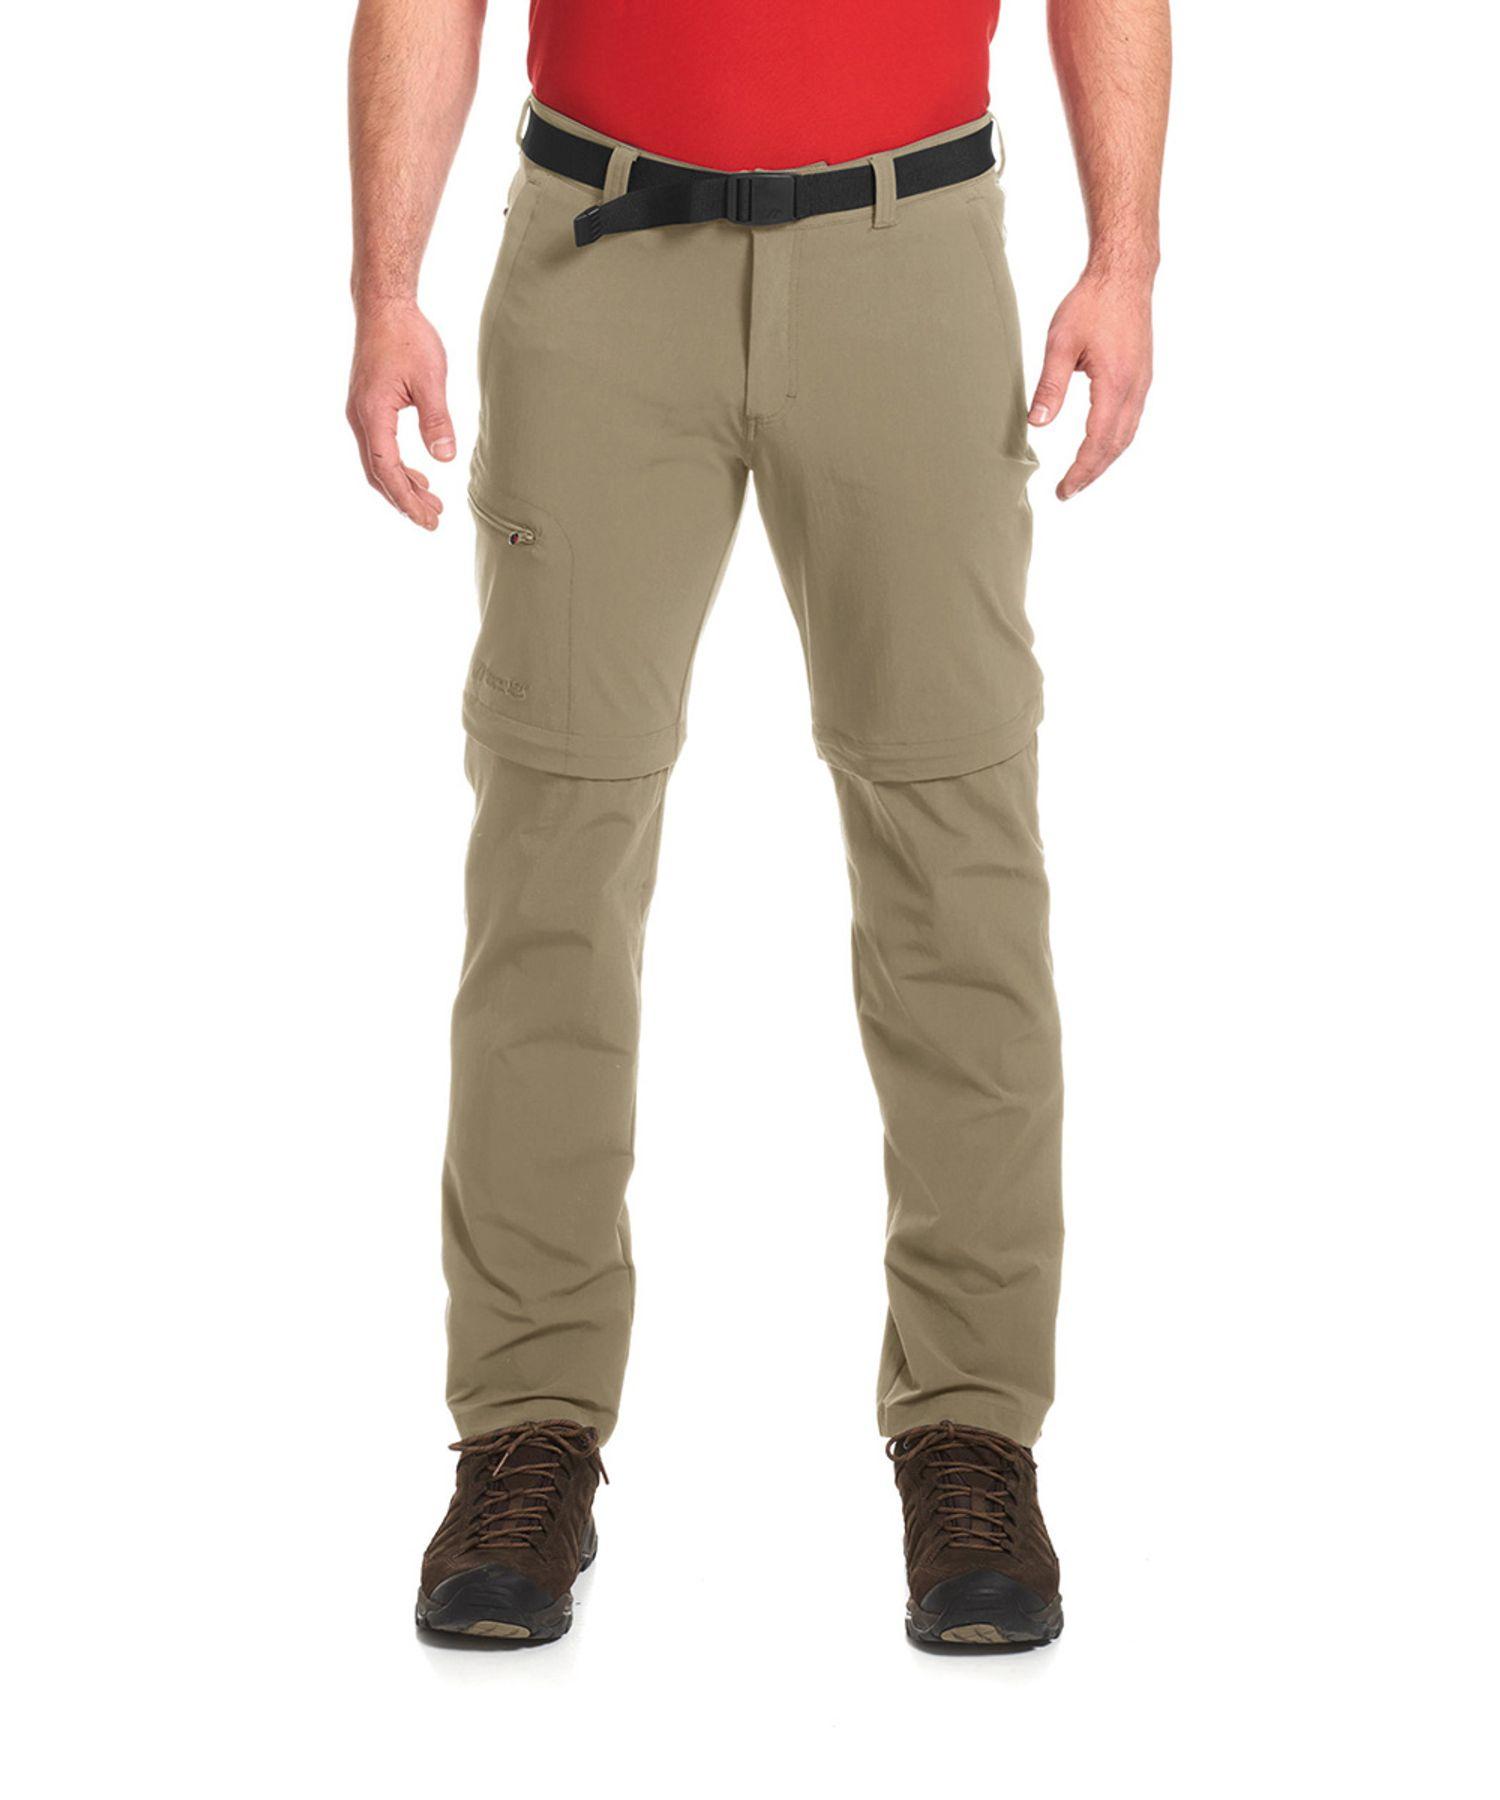 Maier Sports- Herren Outdoor-Trekking und Funktions Hose mit Zipp-off in Black oder Graphit Artikel Tajo 2 (133004) – Bild 3